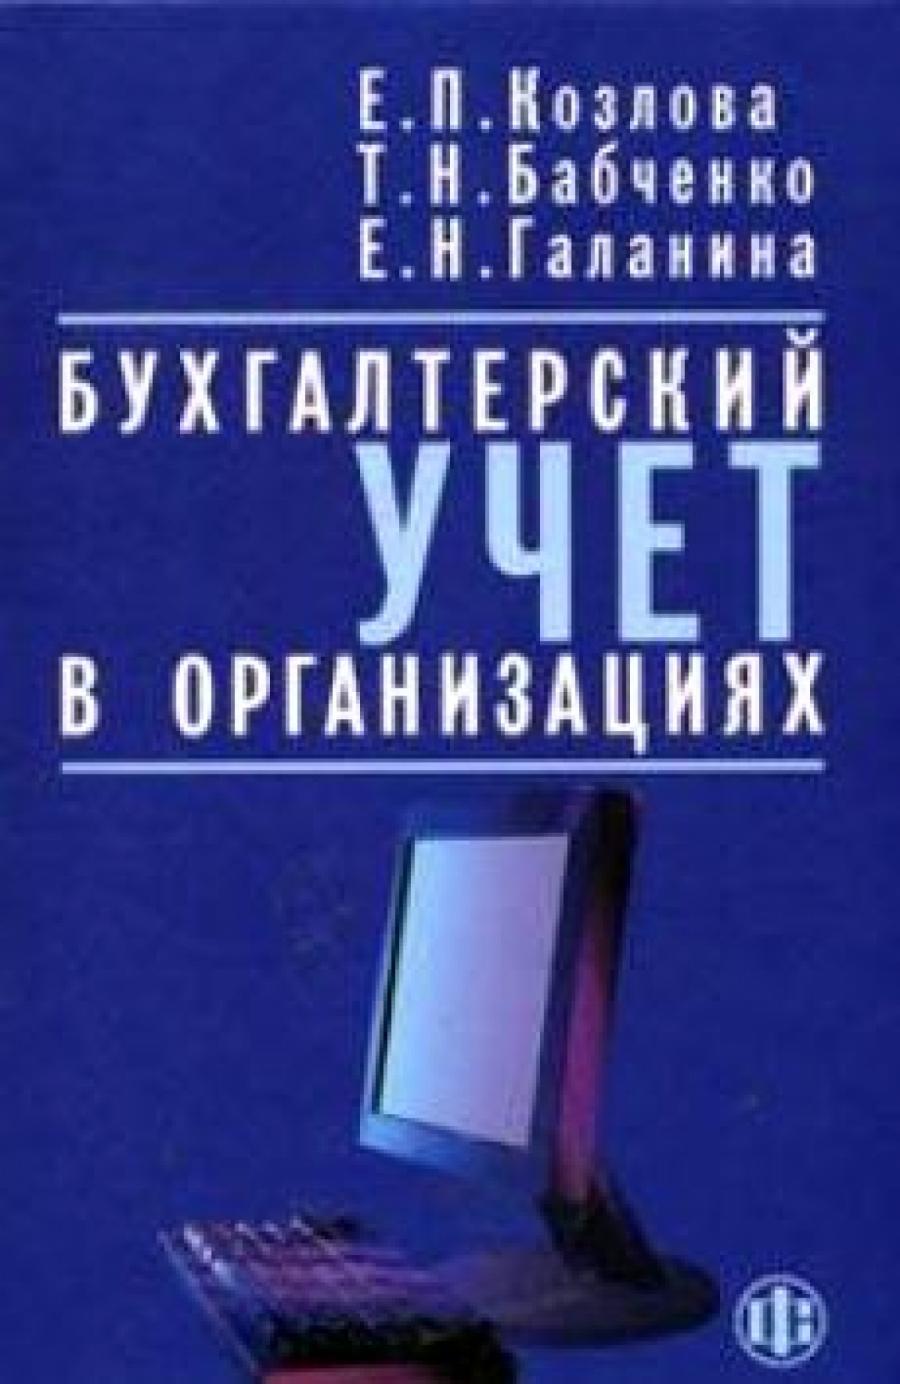 Обложка книги:  е.п. козлова, т.н. бабченко, е.н. галанина - бухгалтерский учет в организациях